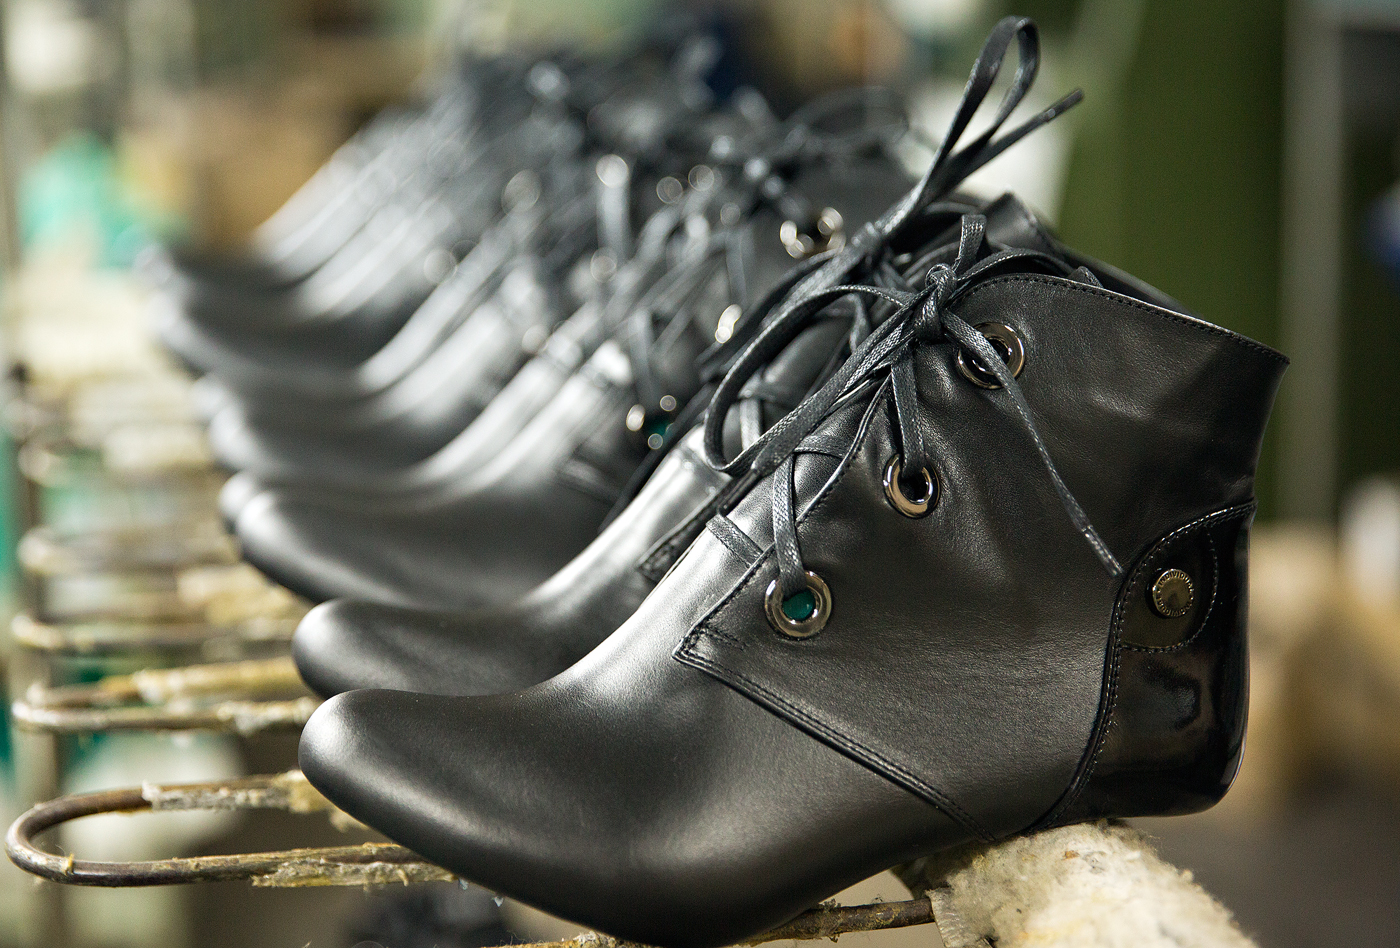 Днепропетровская обувная фабрика POLI - Производство и продажа ... ba744393c48db